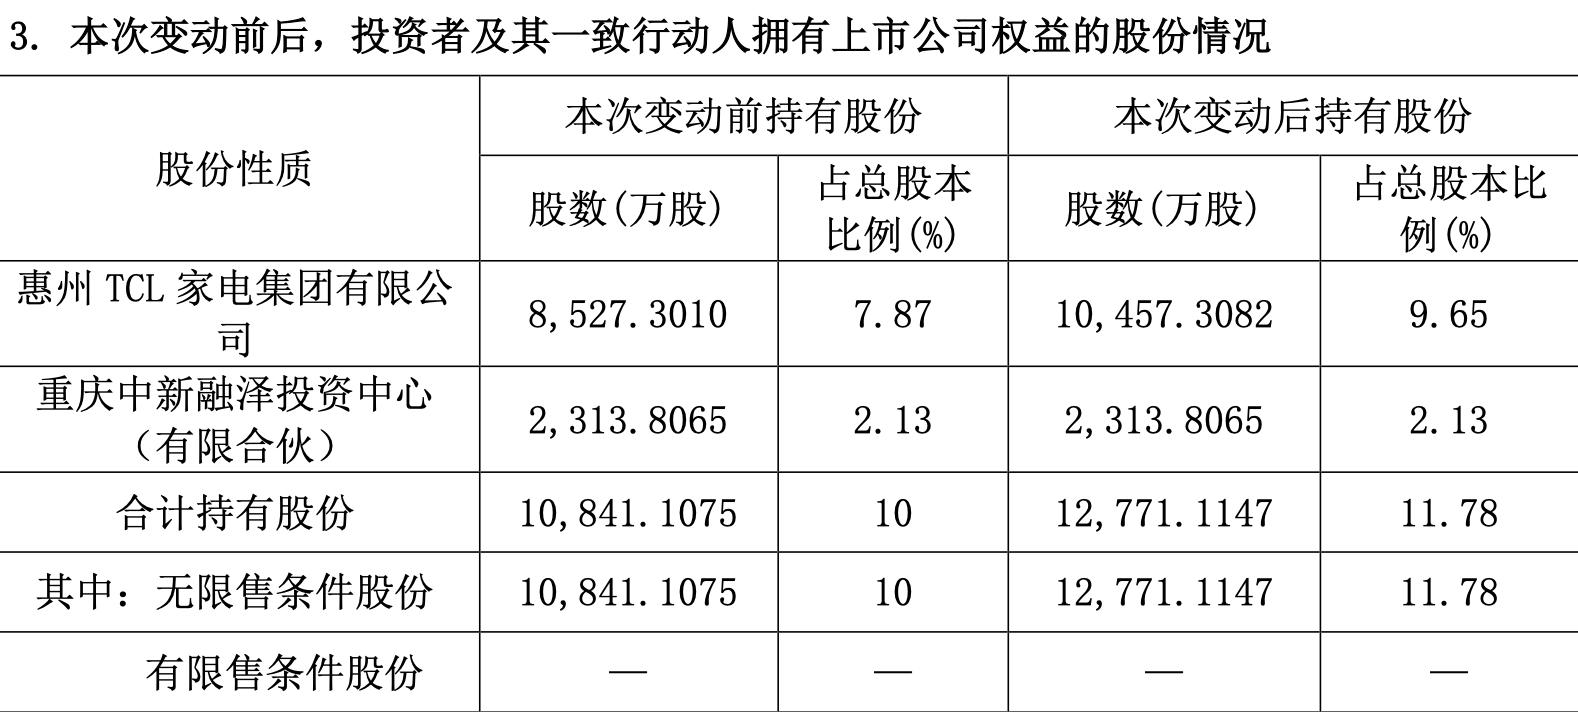 TCL家电集团再次增持奥马电器,合计已持11.78%股份